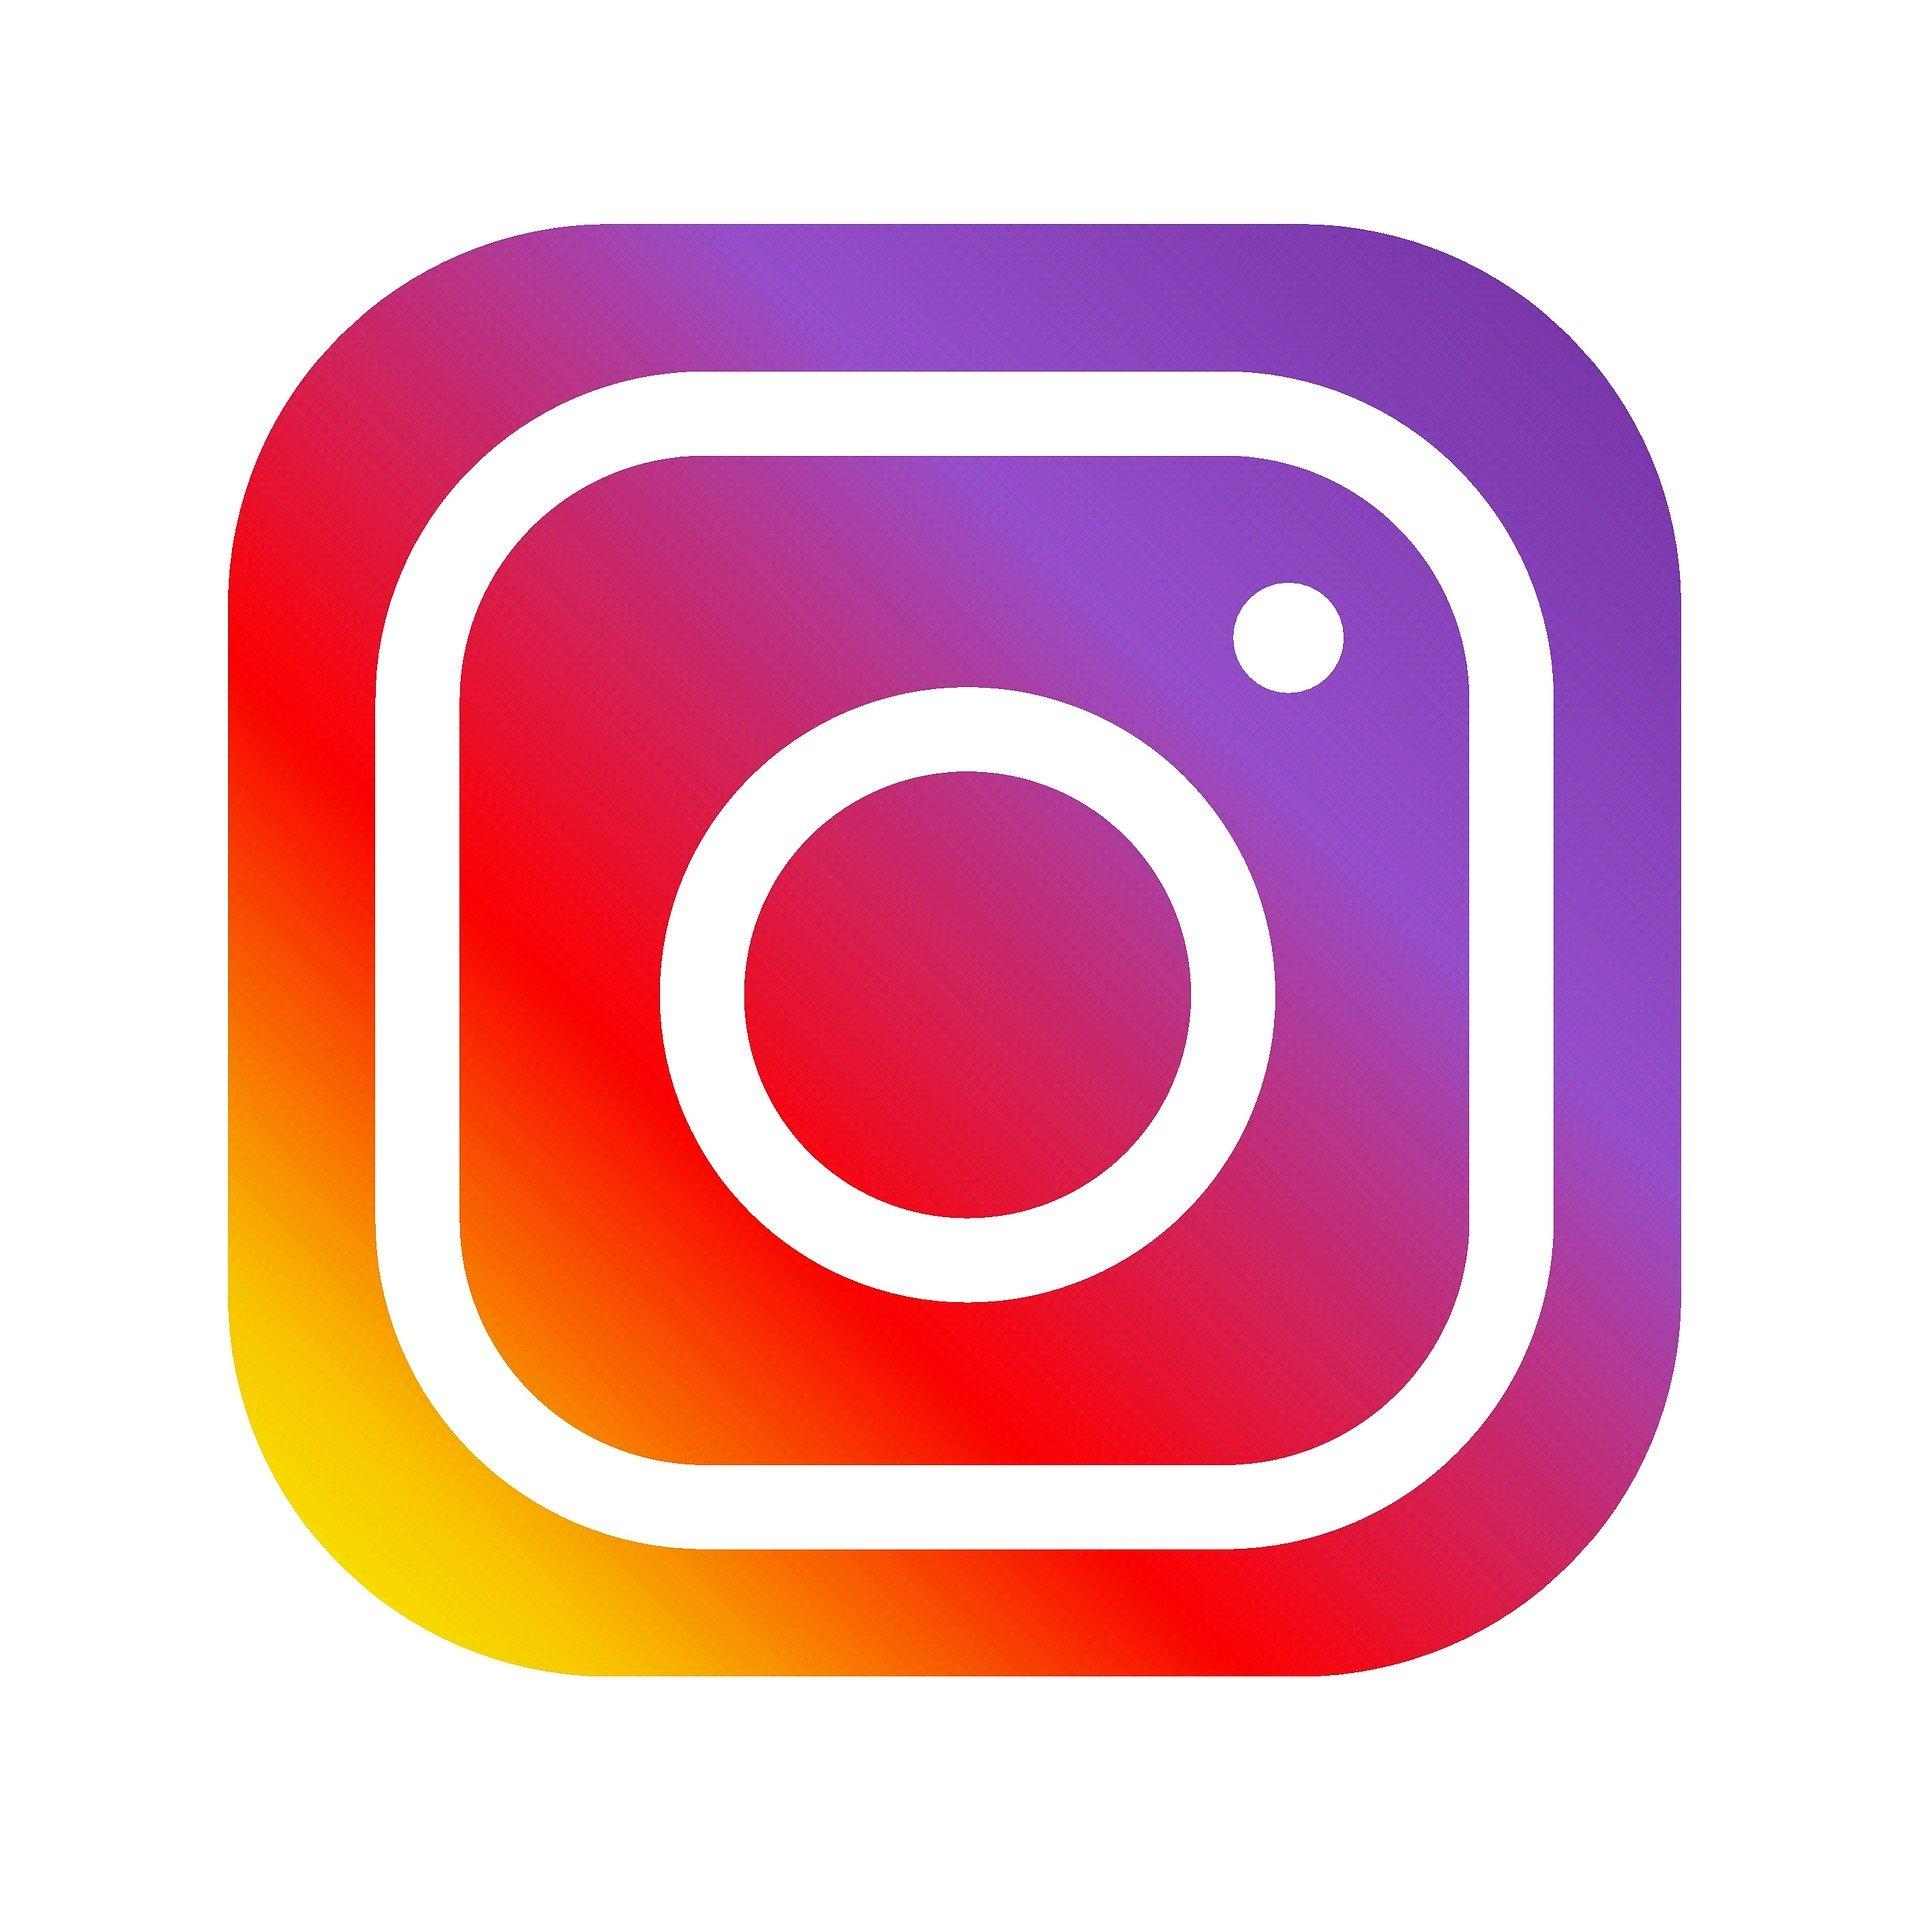 http://www.renteo.fr/userfiles/instagram-1581266_1920.jpg